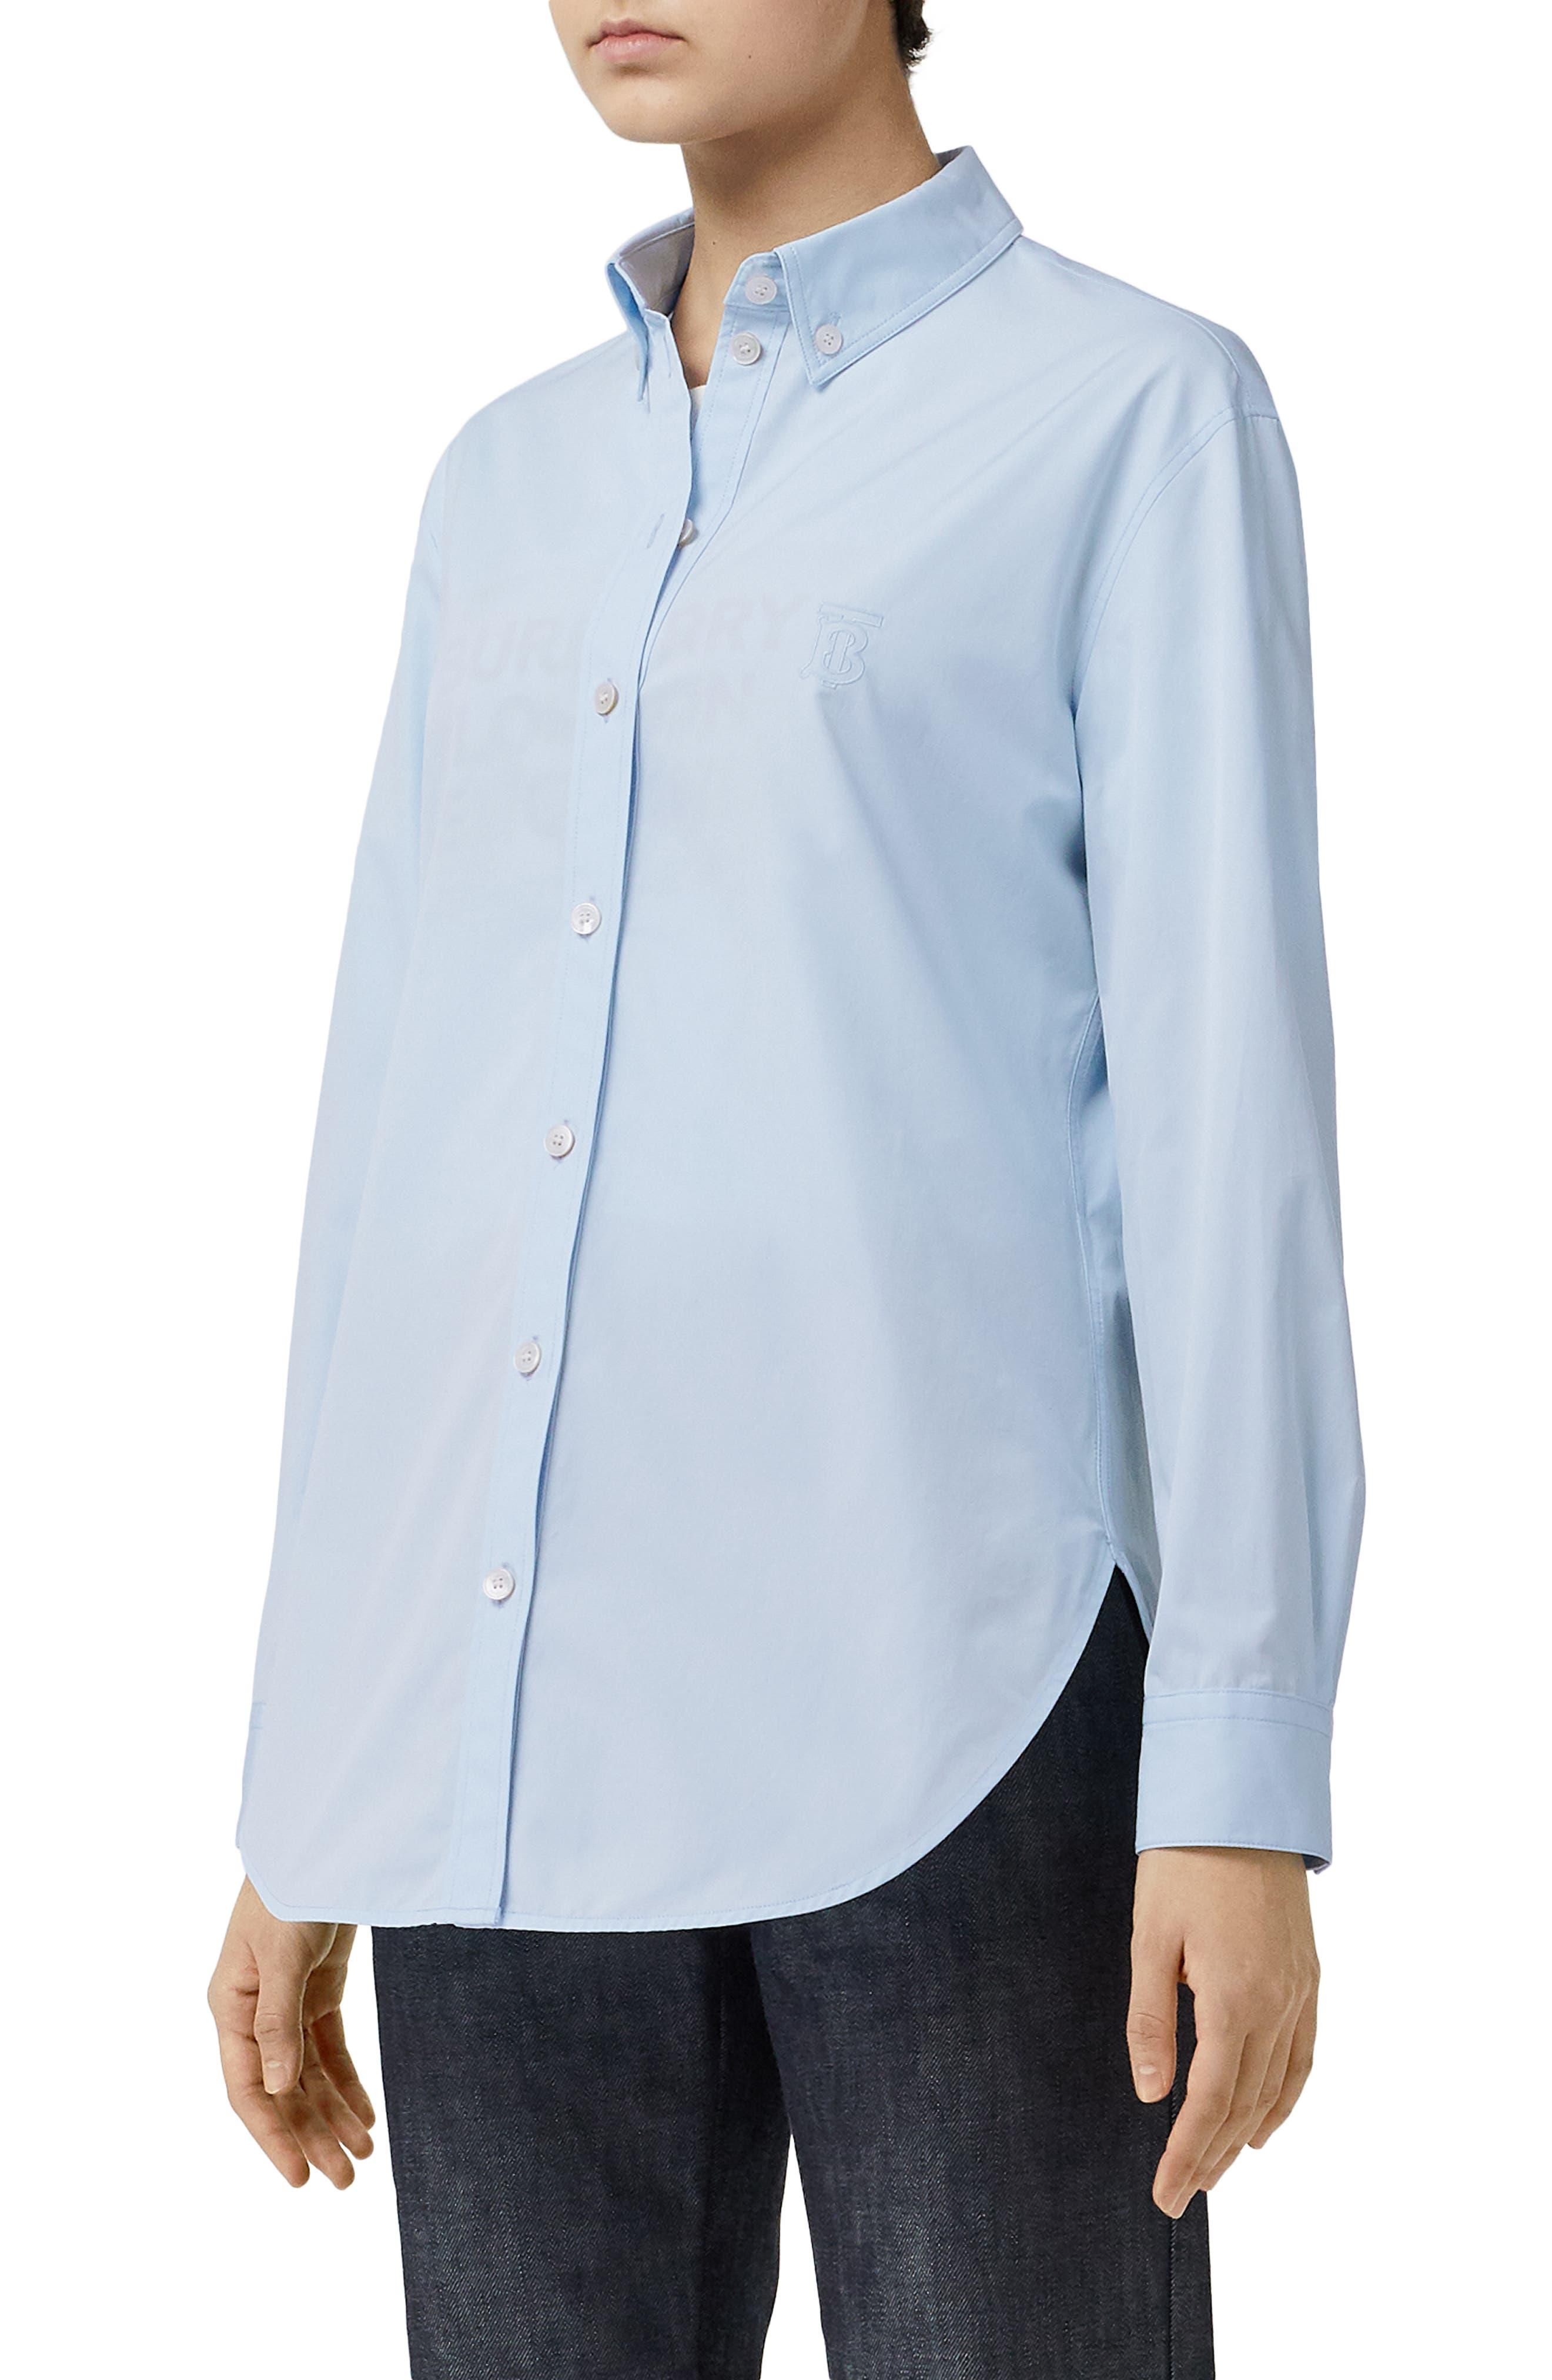 BURBERRY, Monogram Regular Fit Cotton Shirt, Alternate thumbnail 3, color, PALE BLUE